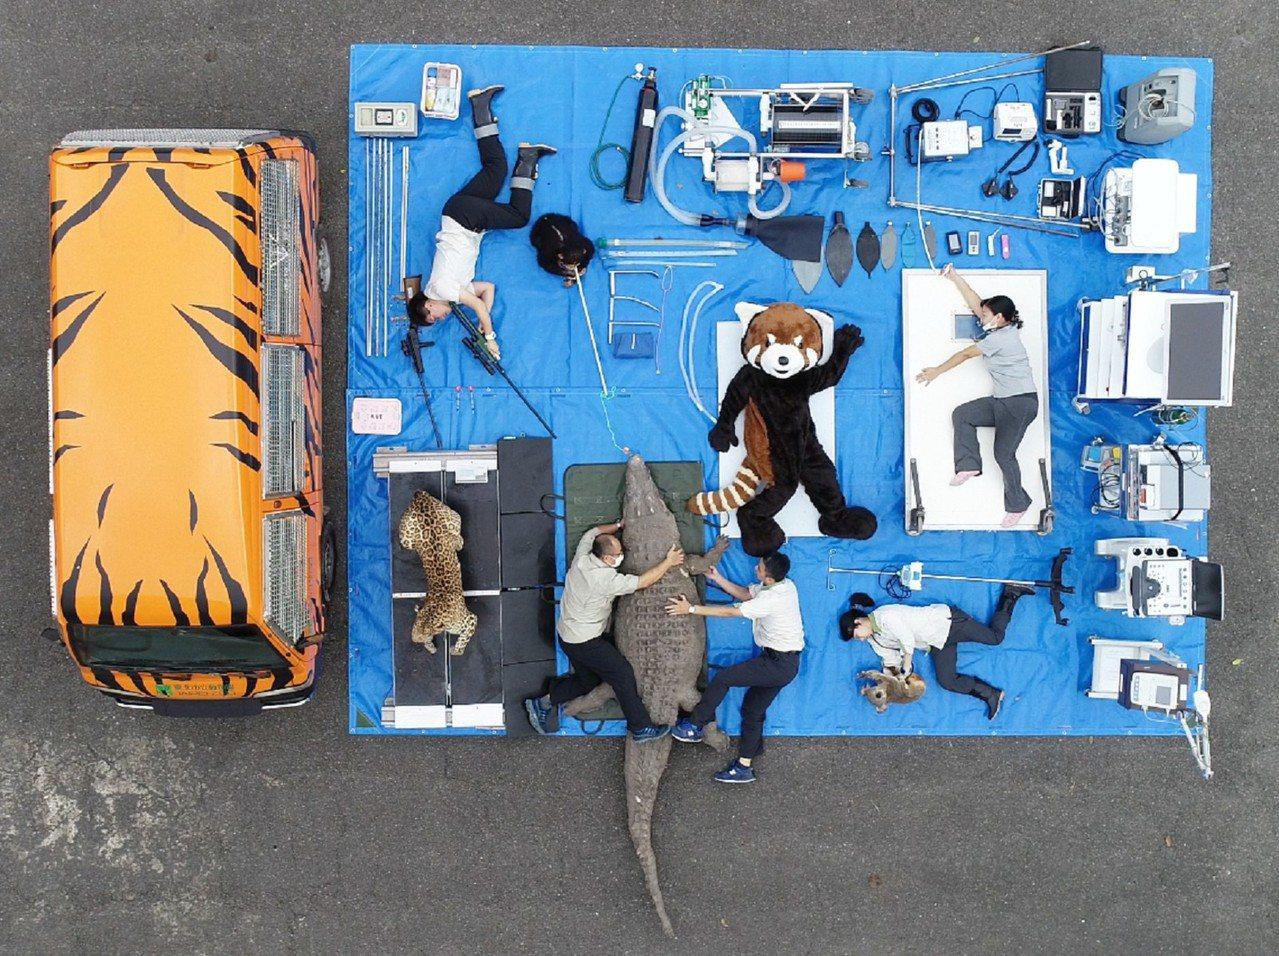 台北市立動物園動物醫院行動診療所「小虎車」肩負著守護動物健康的重責大任。圖/北市...